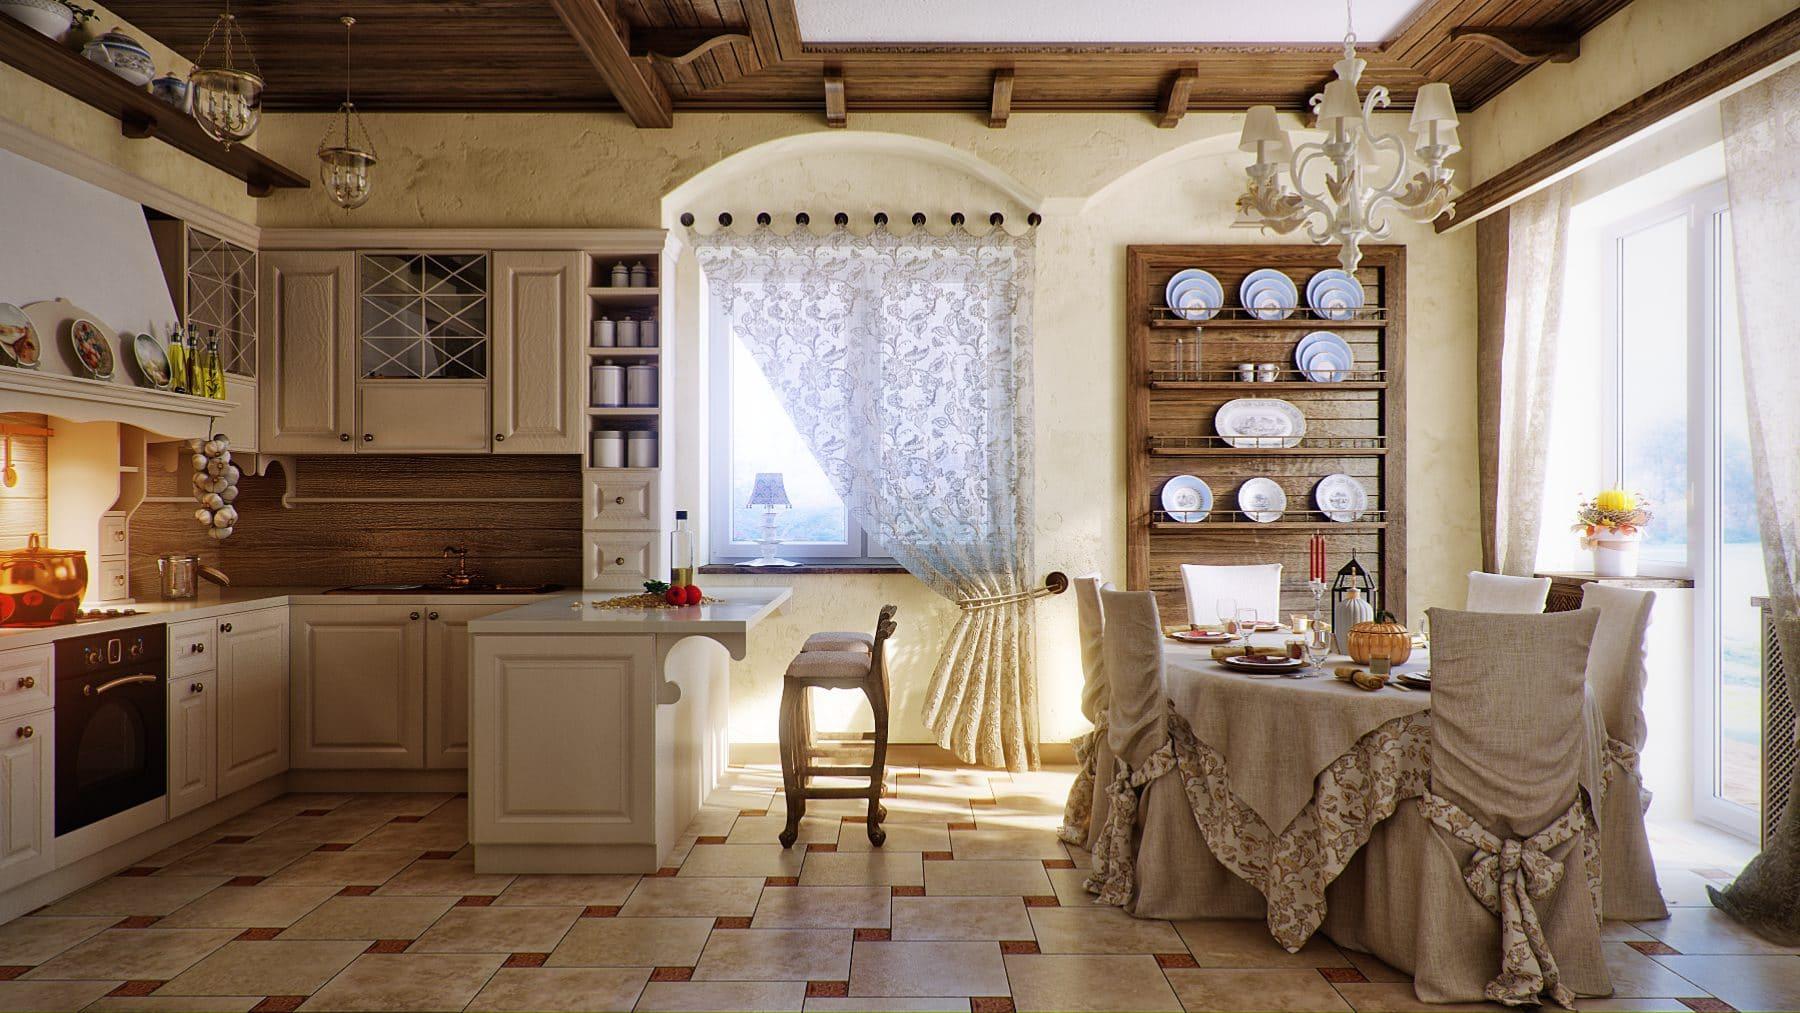 русский стиль оформления кухни-гостиной